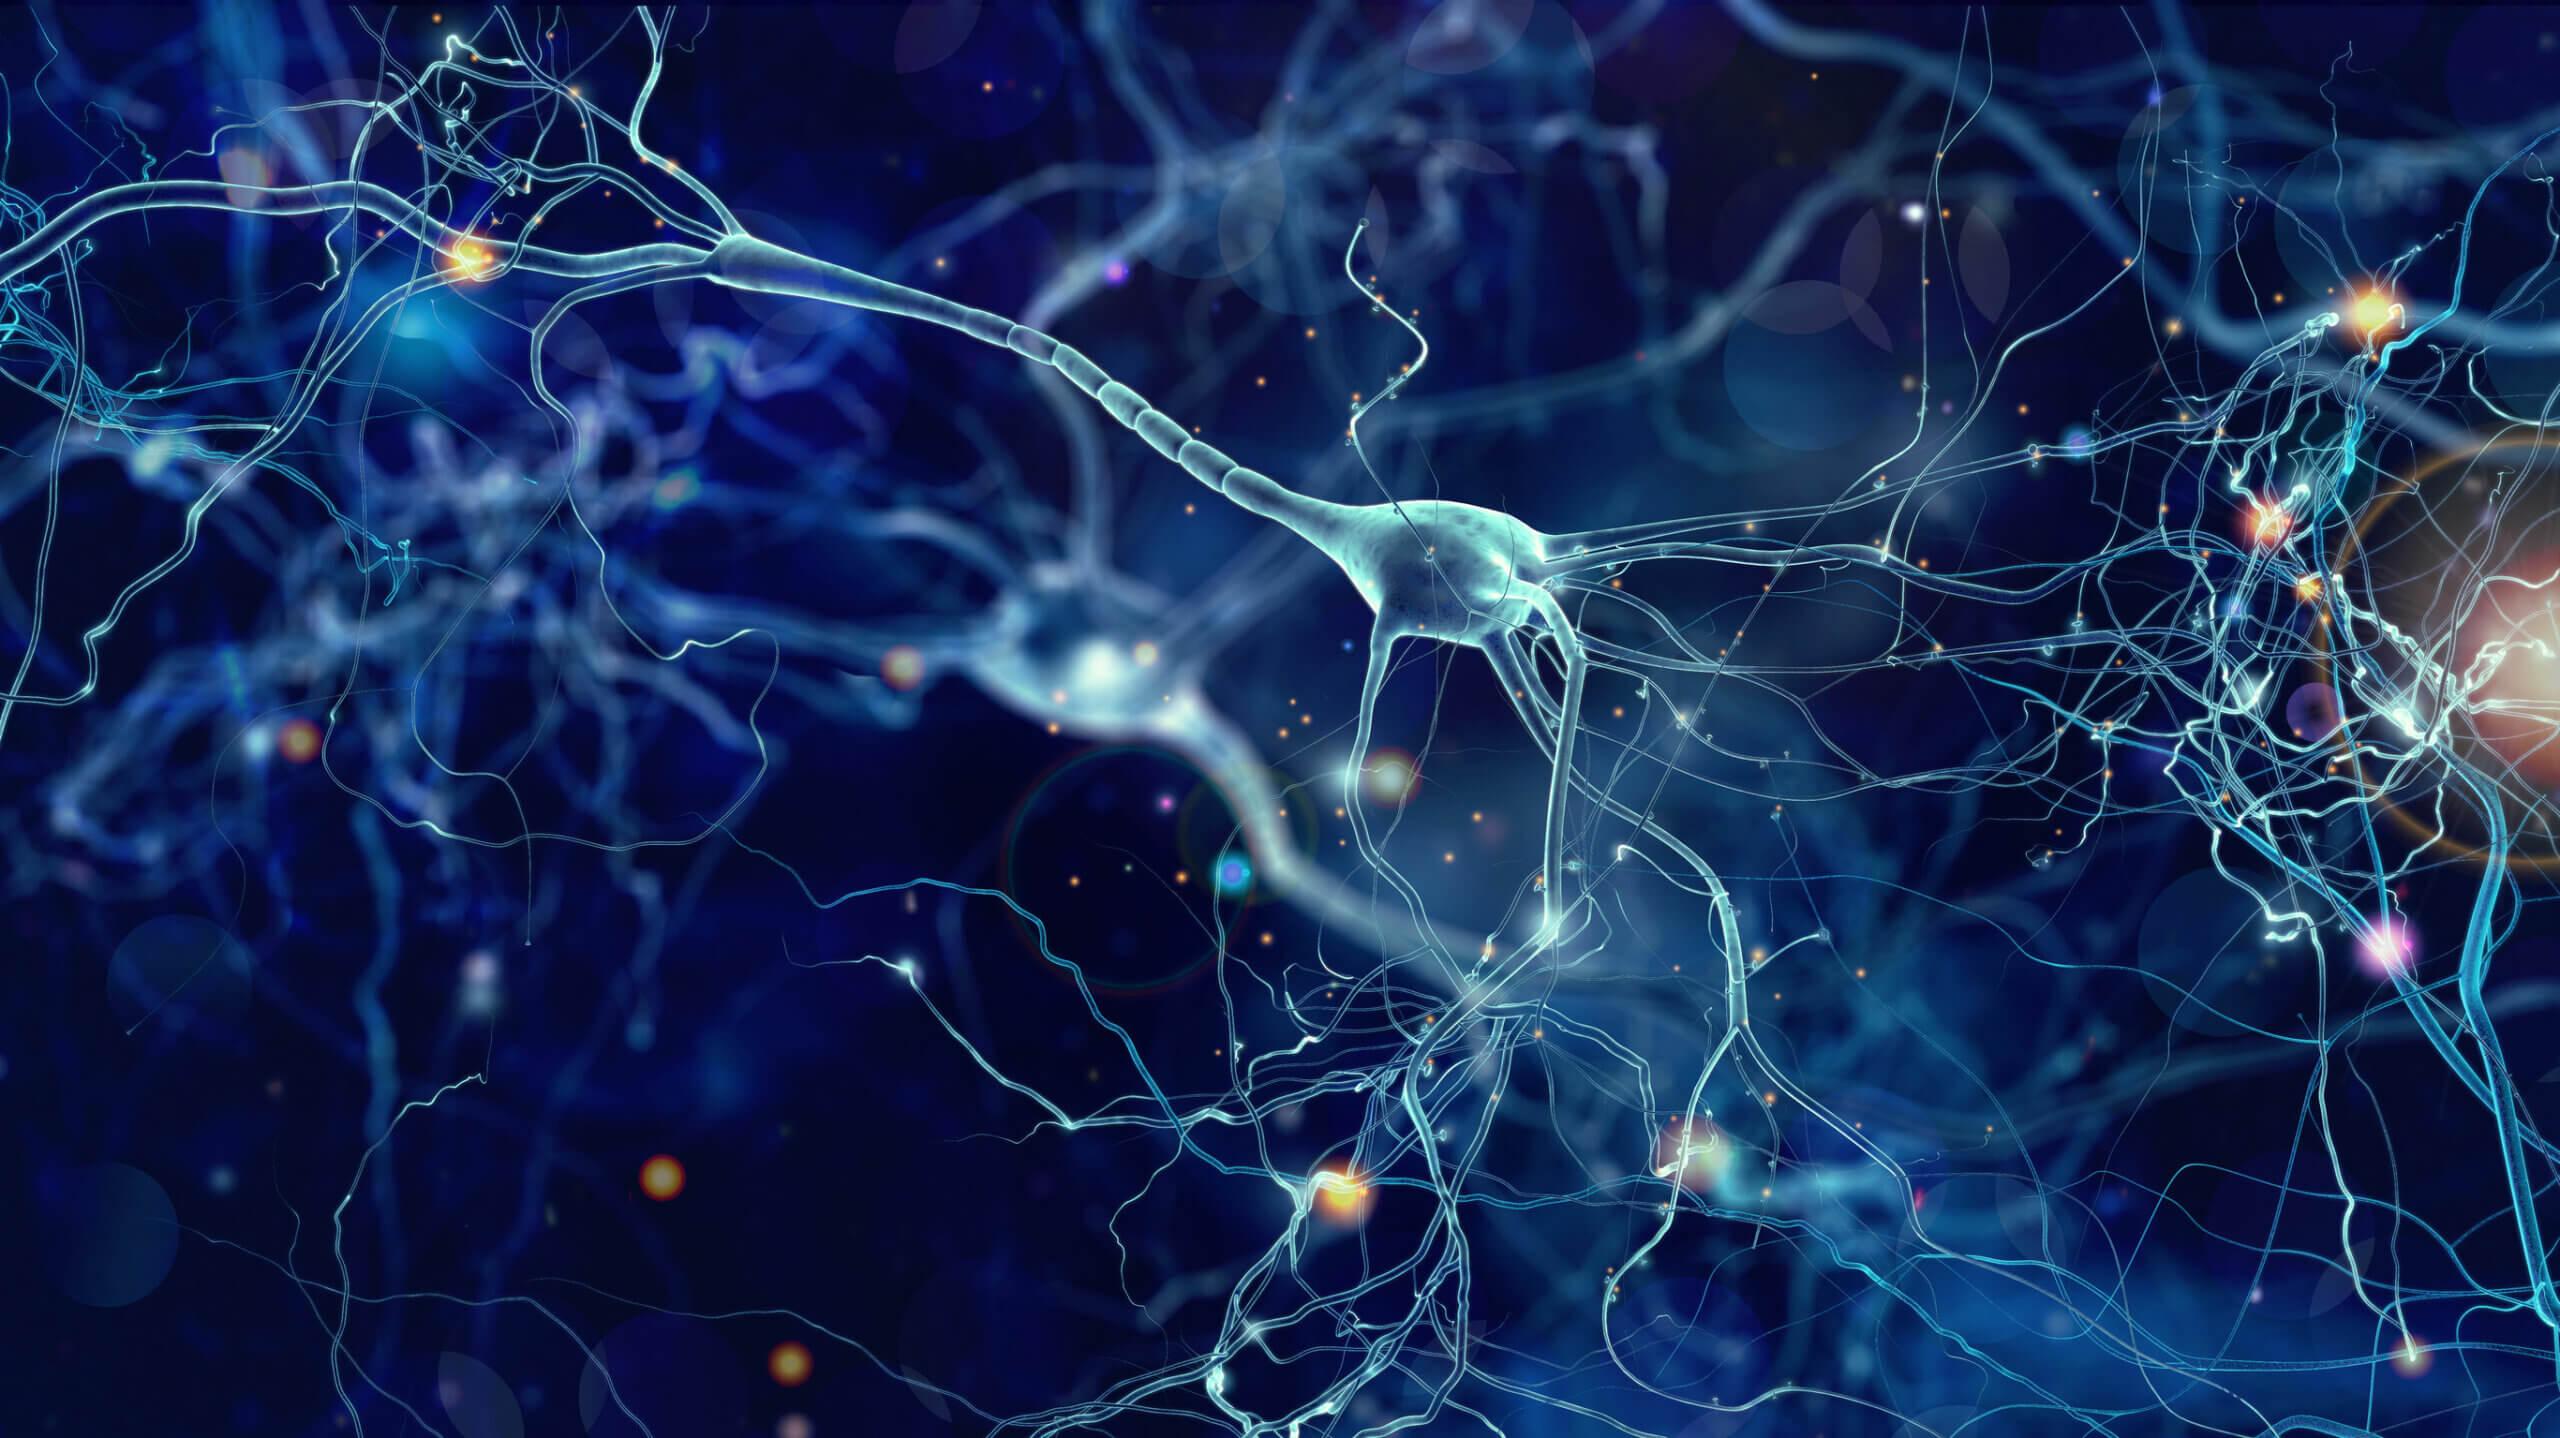 La neuróbica permite establecer nuevas conexiones neuronales.